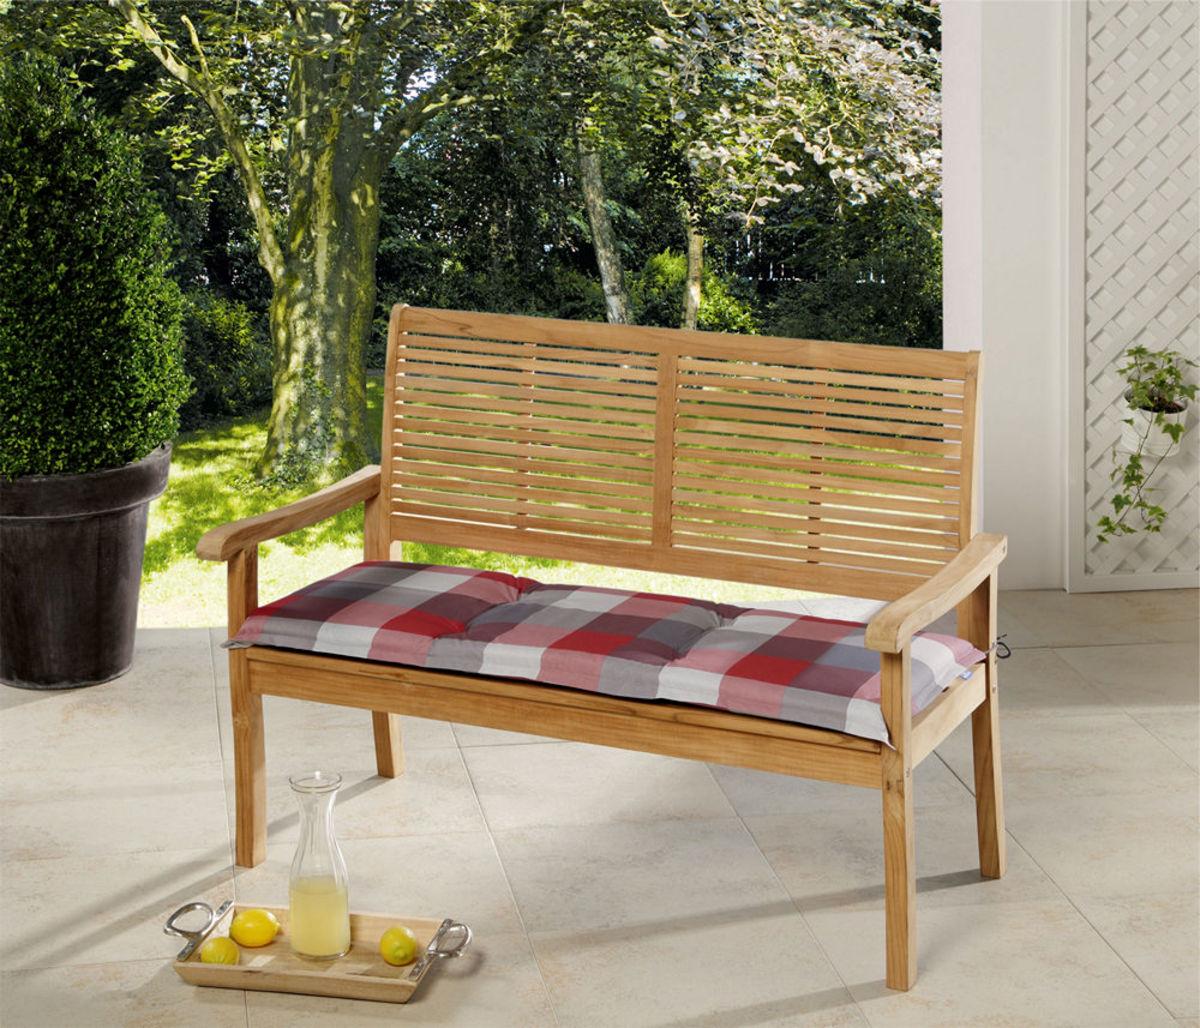 Bild 1 von Solax-Sunshine Sitzbank-Auflage, Karo Rot-Grau